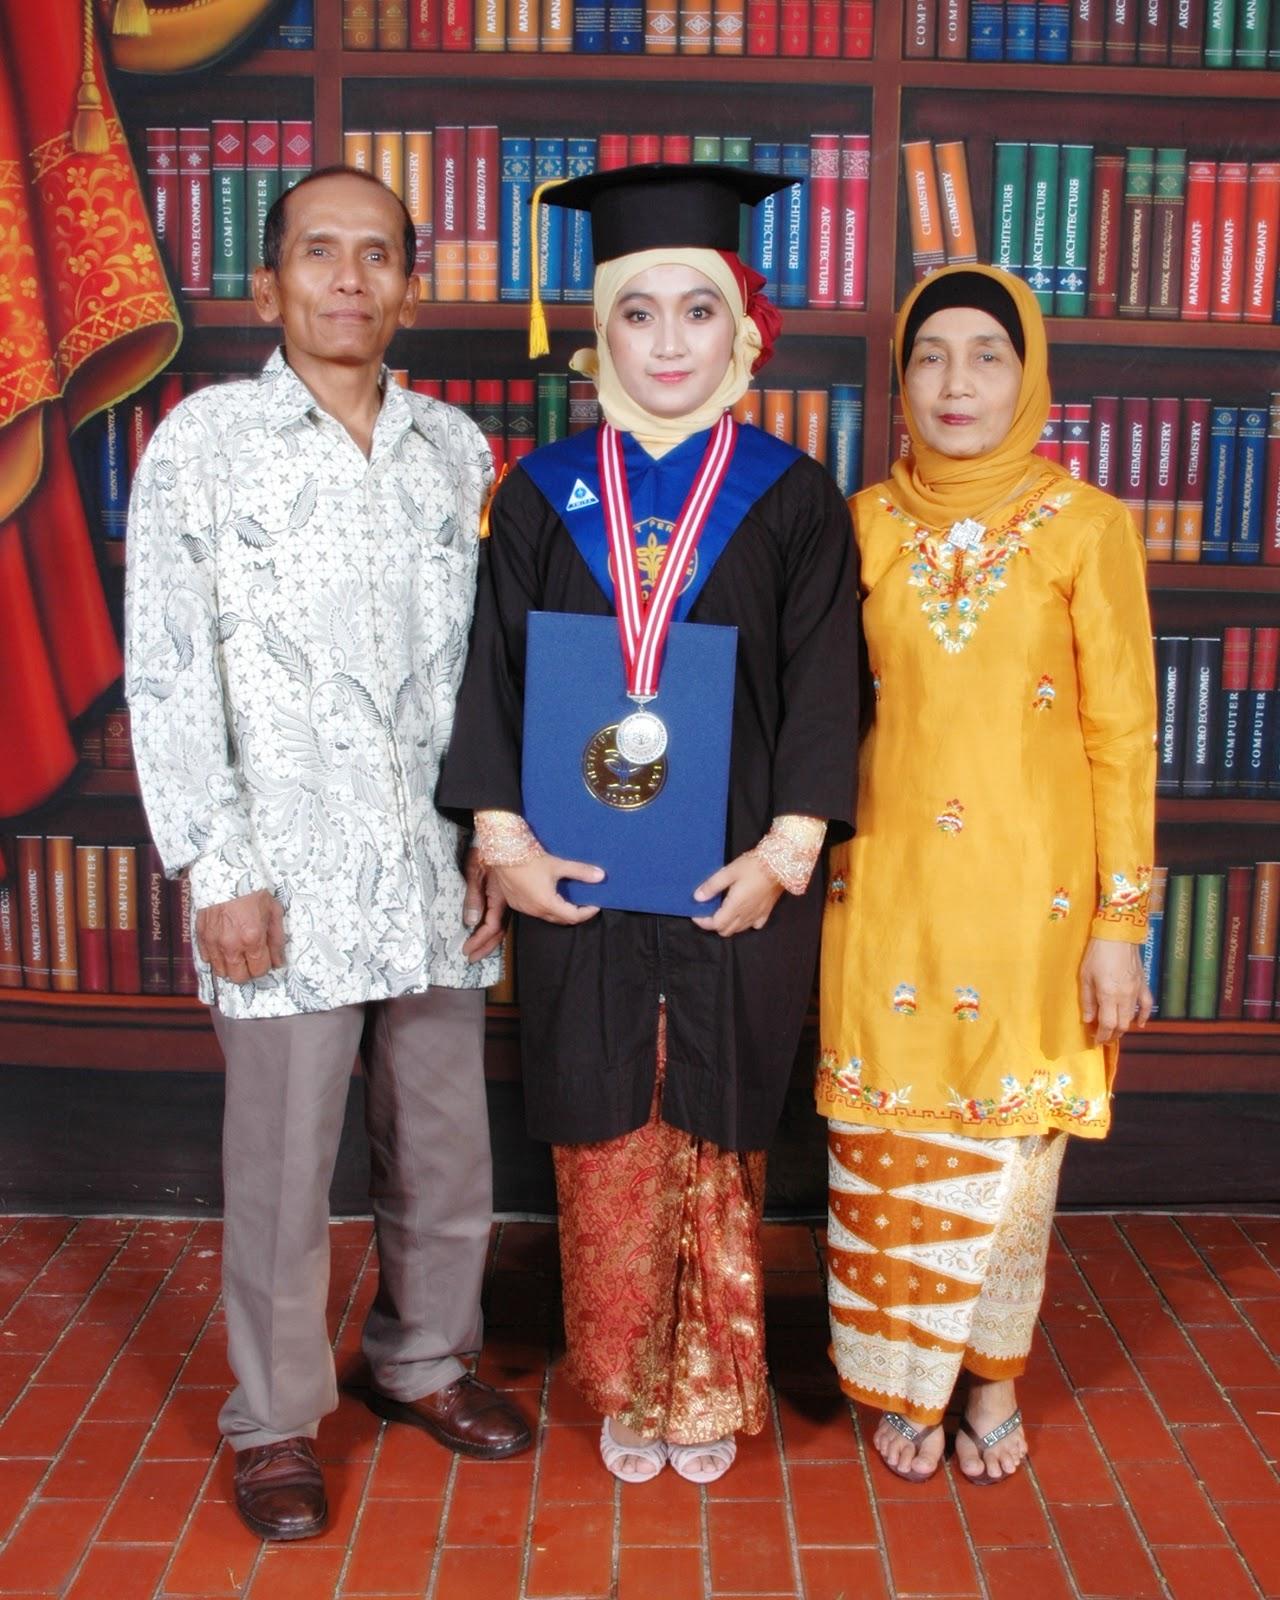 Gambar Foto Wisuda Bersama Keluarga